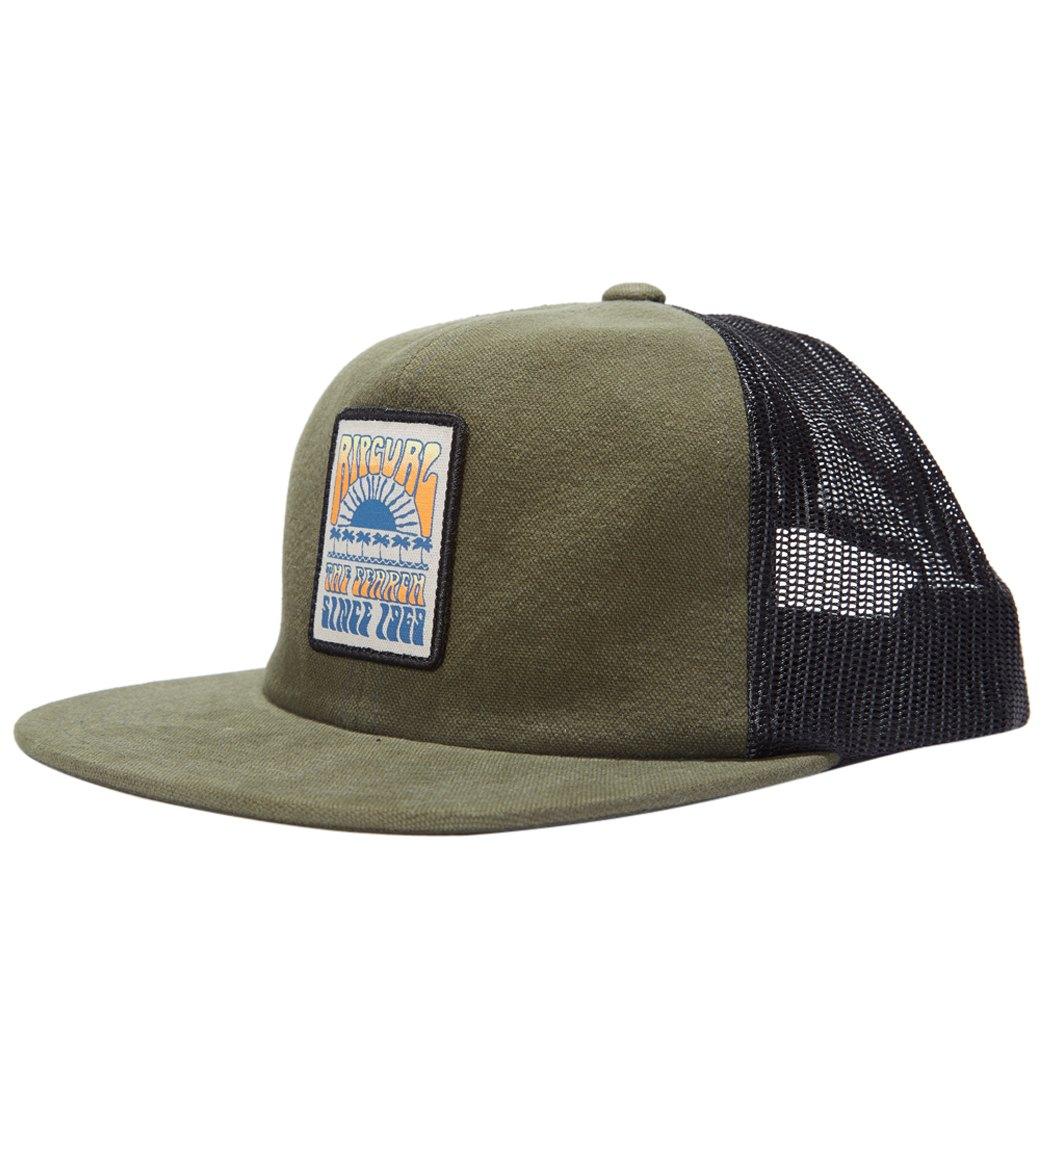 dd6f7fb8ad0a7 Rip Curl Never Stop Trucker Hat at SwimOutlet.com